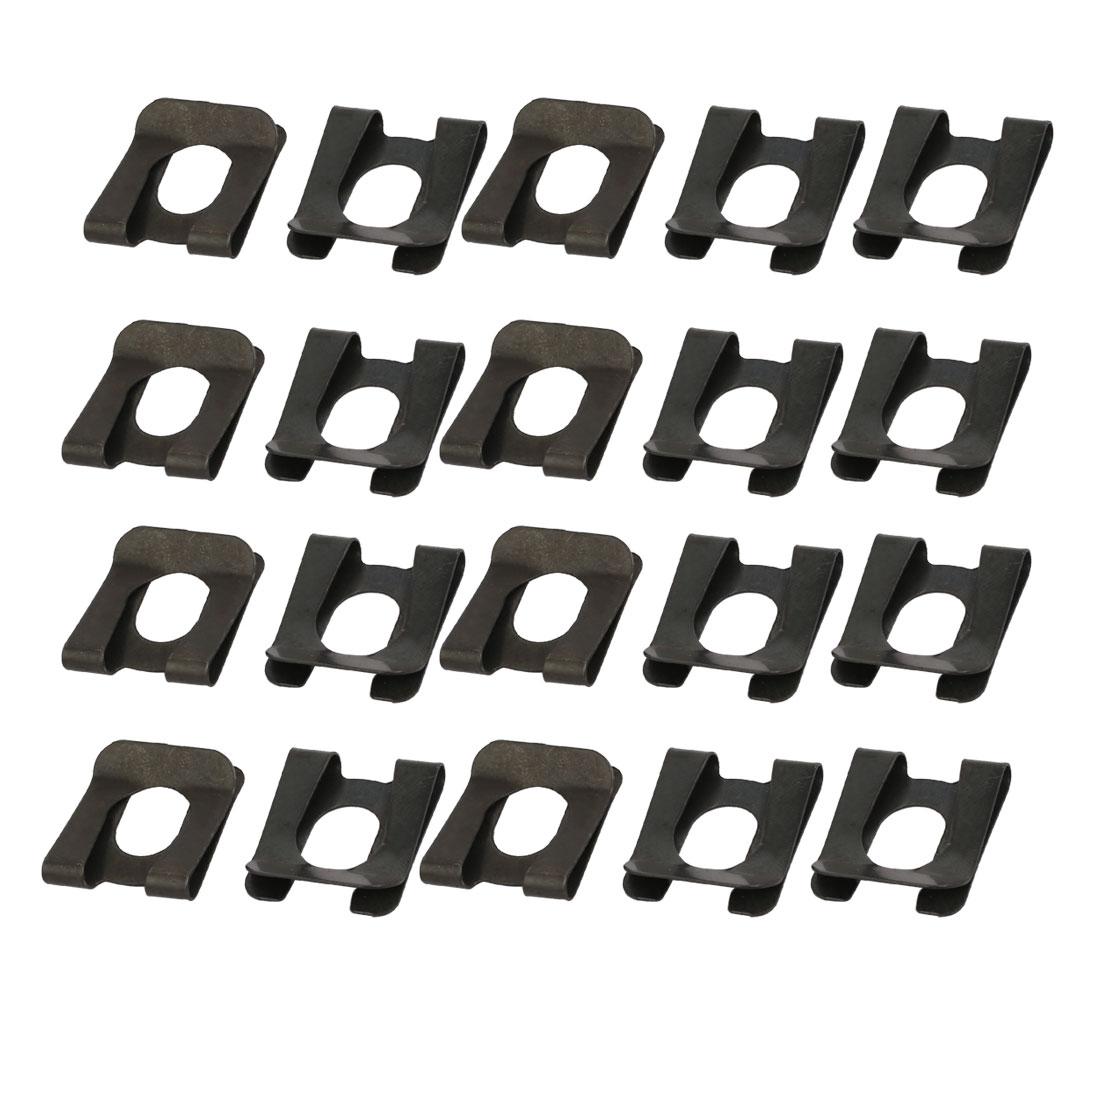 20pcs Fit 12mm Dia Bolt 65Mn Steel Spring U Clip Nut Black 25.5mm x 22mm